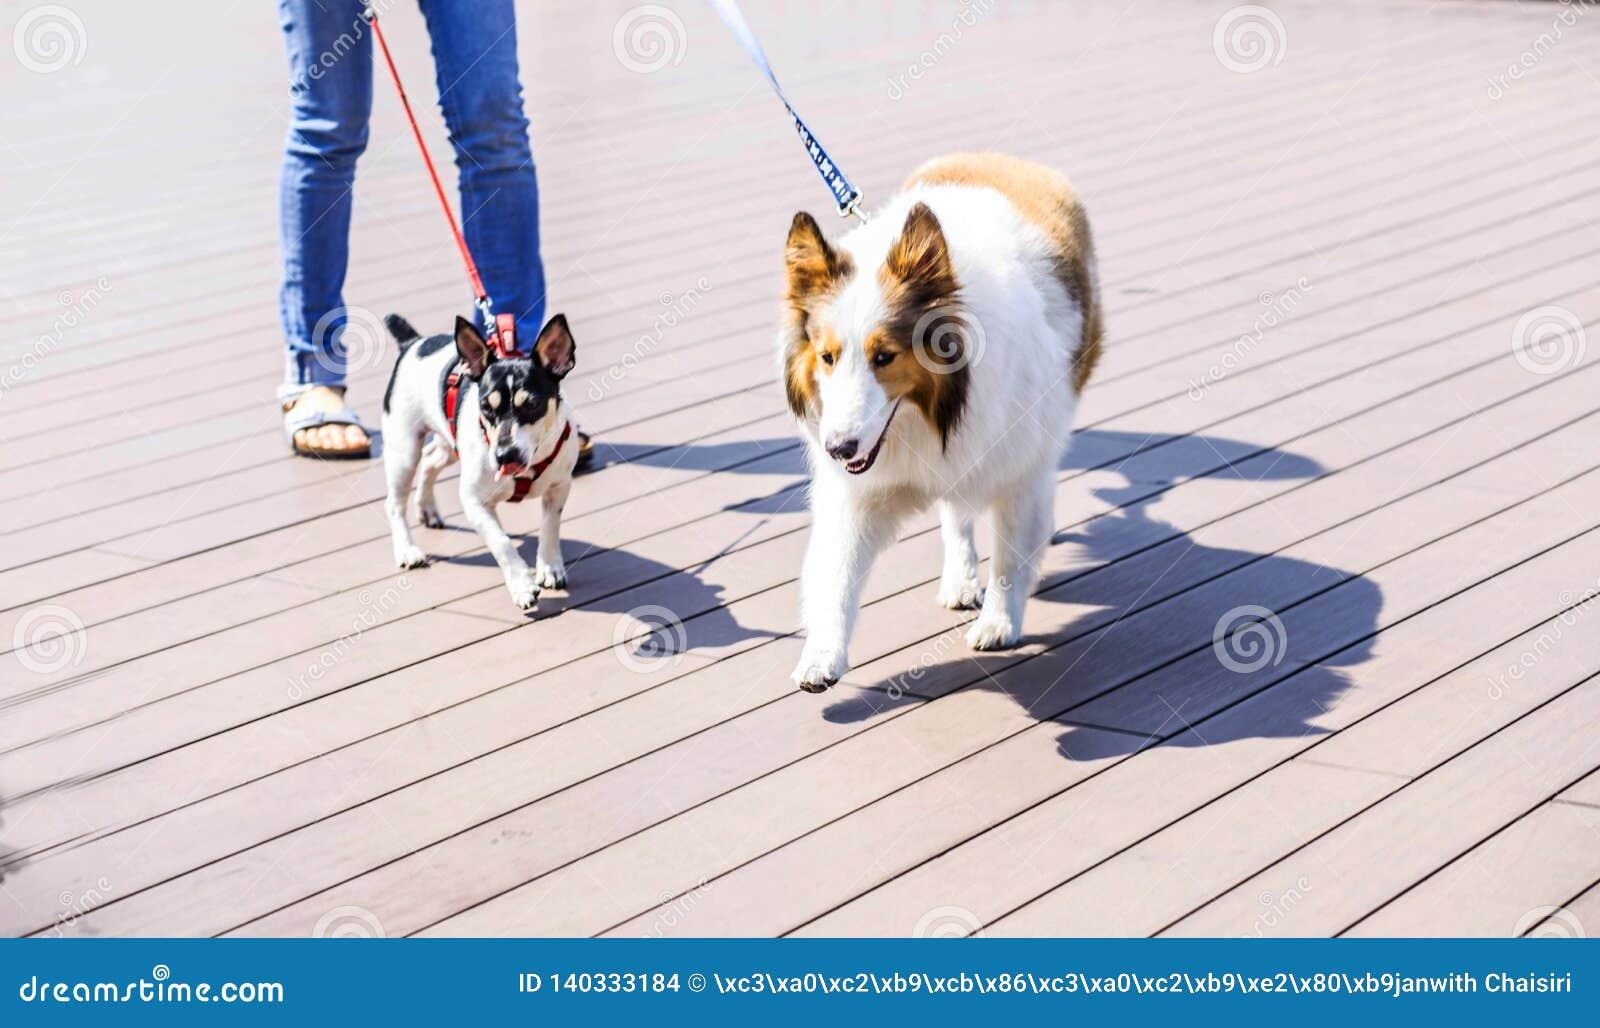 Νέα βιβλία εκμετάλλευσης γυναικών σε ένα χέρι περπατώντας με ένα σκυλί Φιλία μεταξύ του ανθρώπου και του σκυλιού Έννοια κατοικίδι